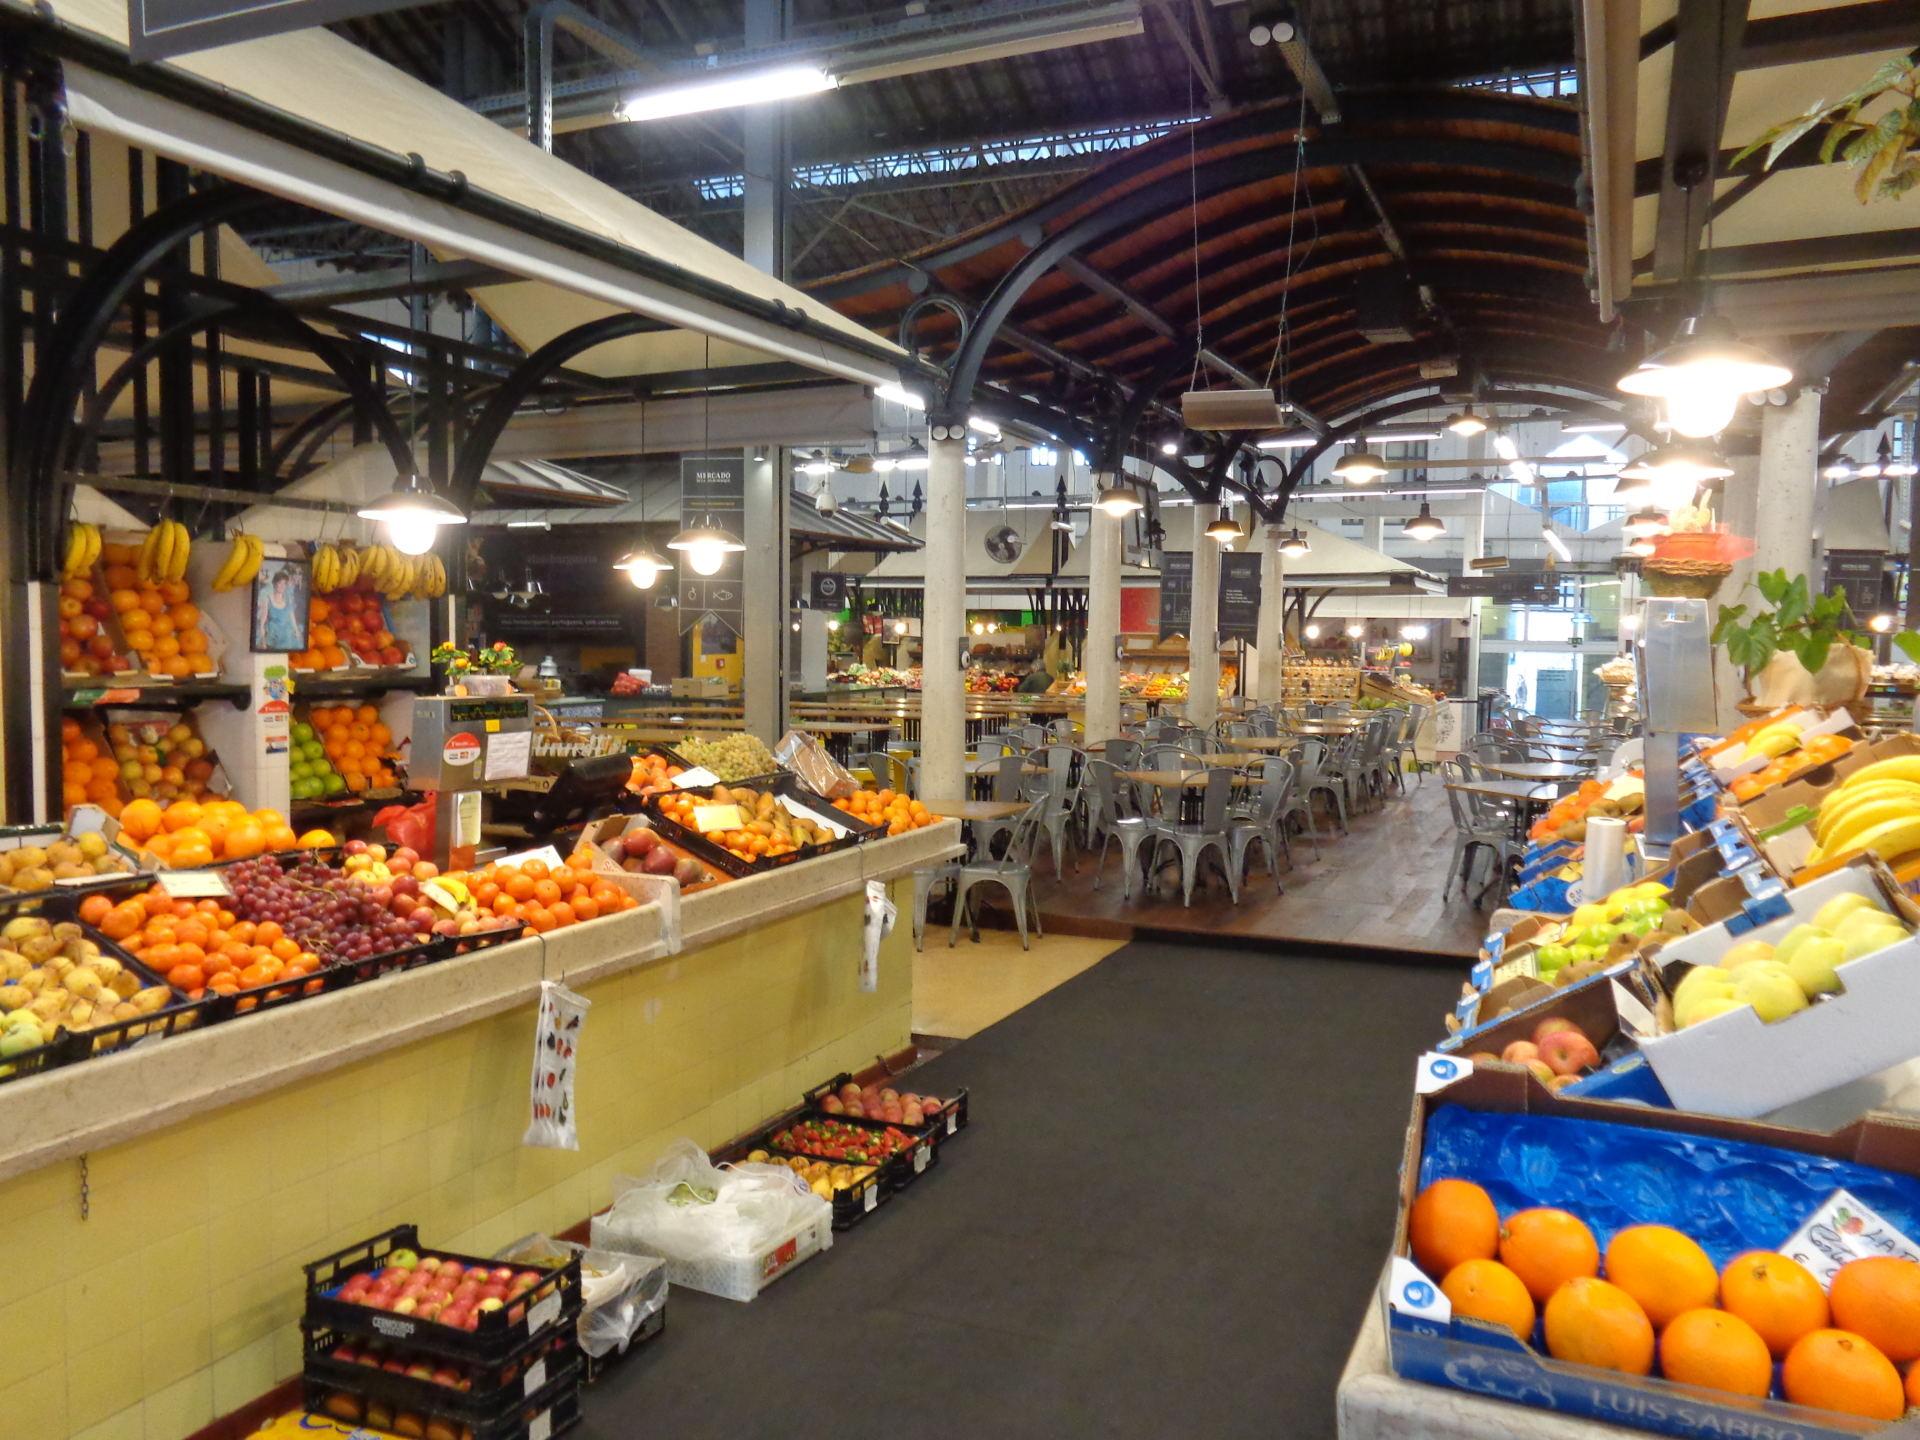 bendra informacija - Mercado prekyba / Pagiriai / baristuduona.lt